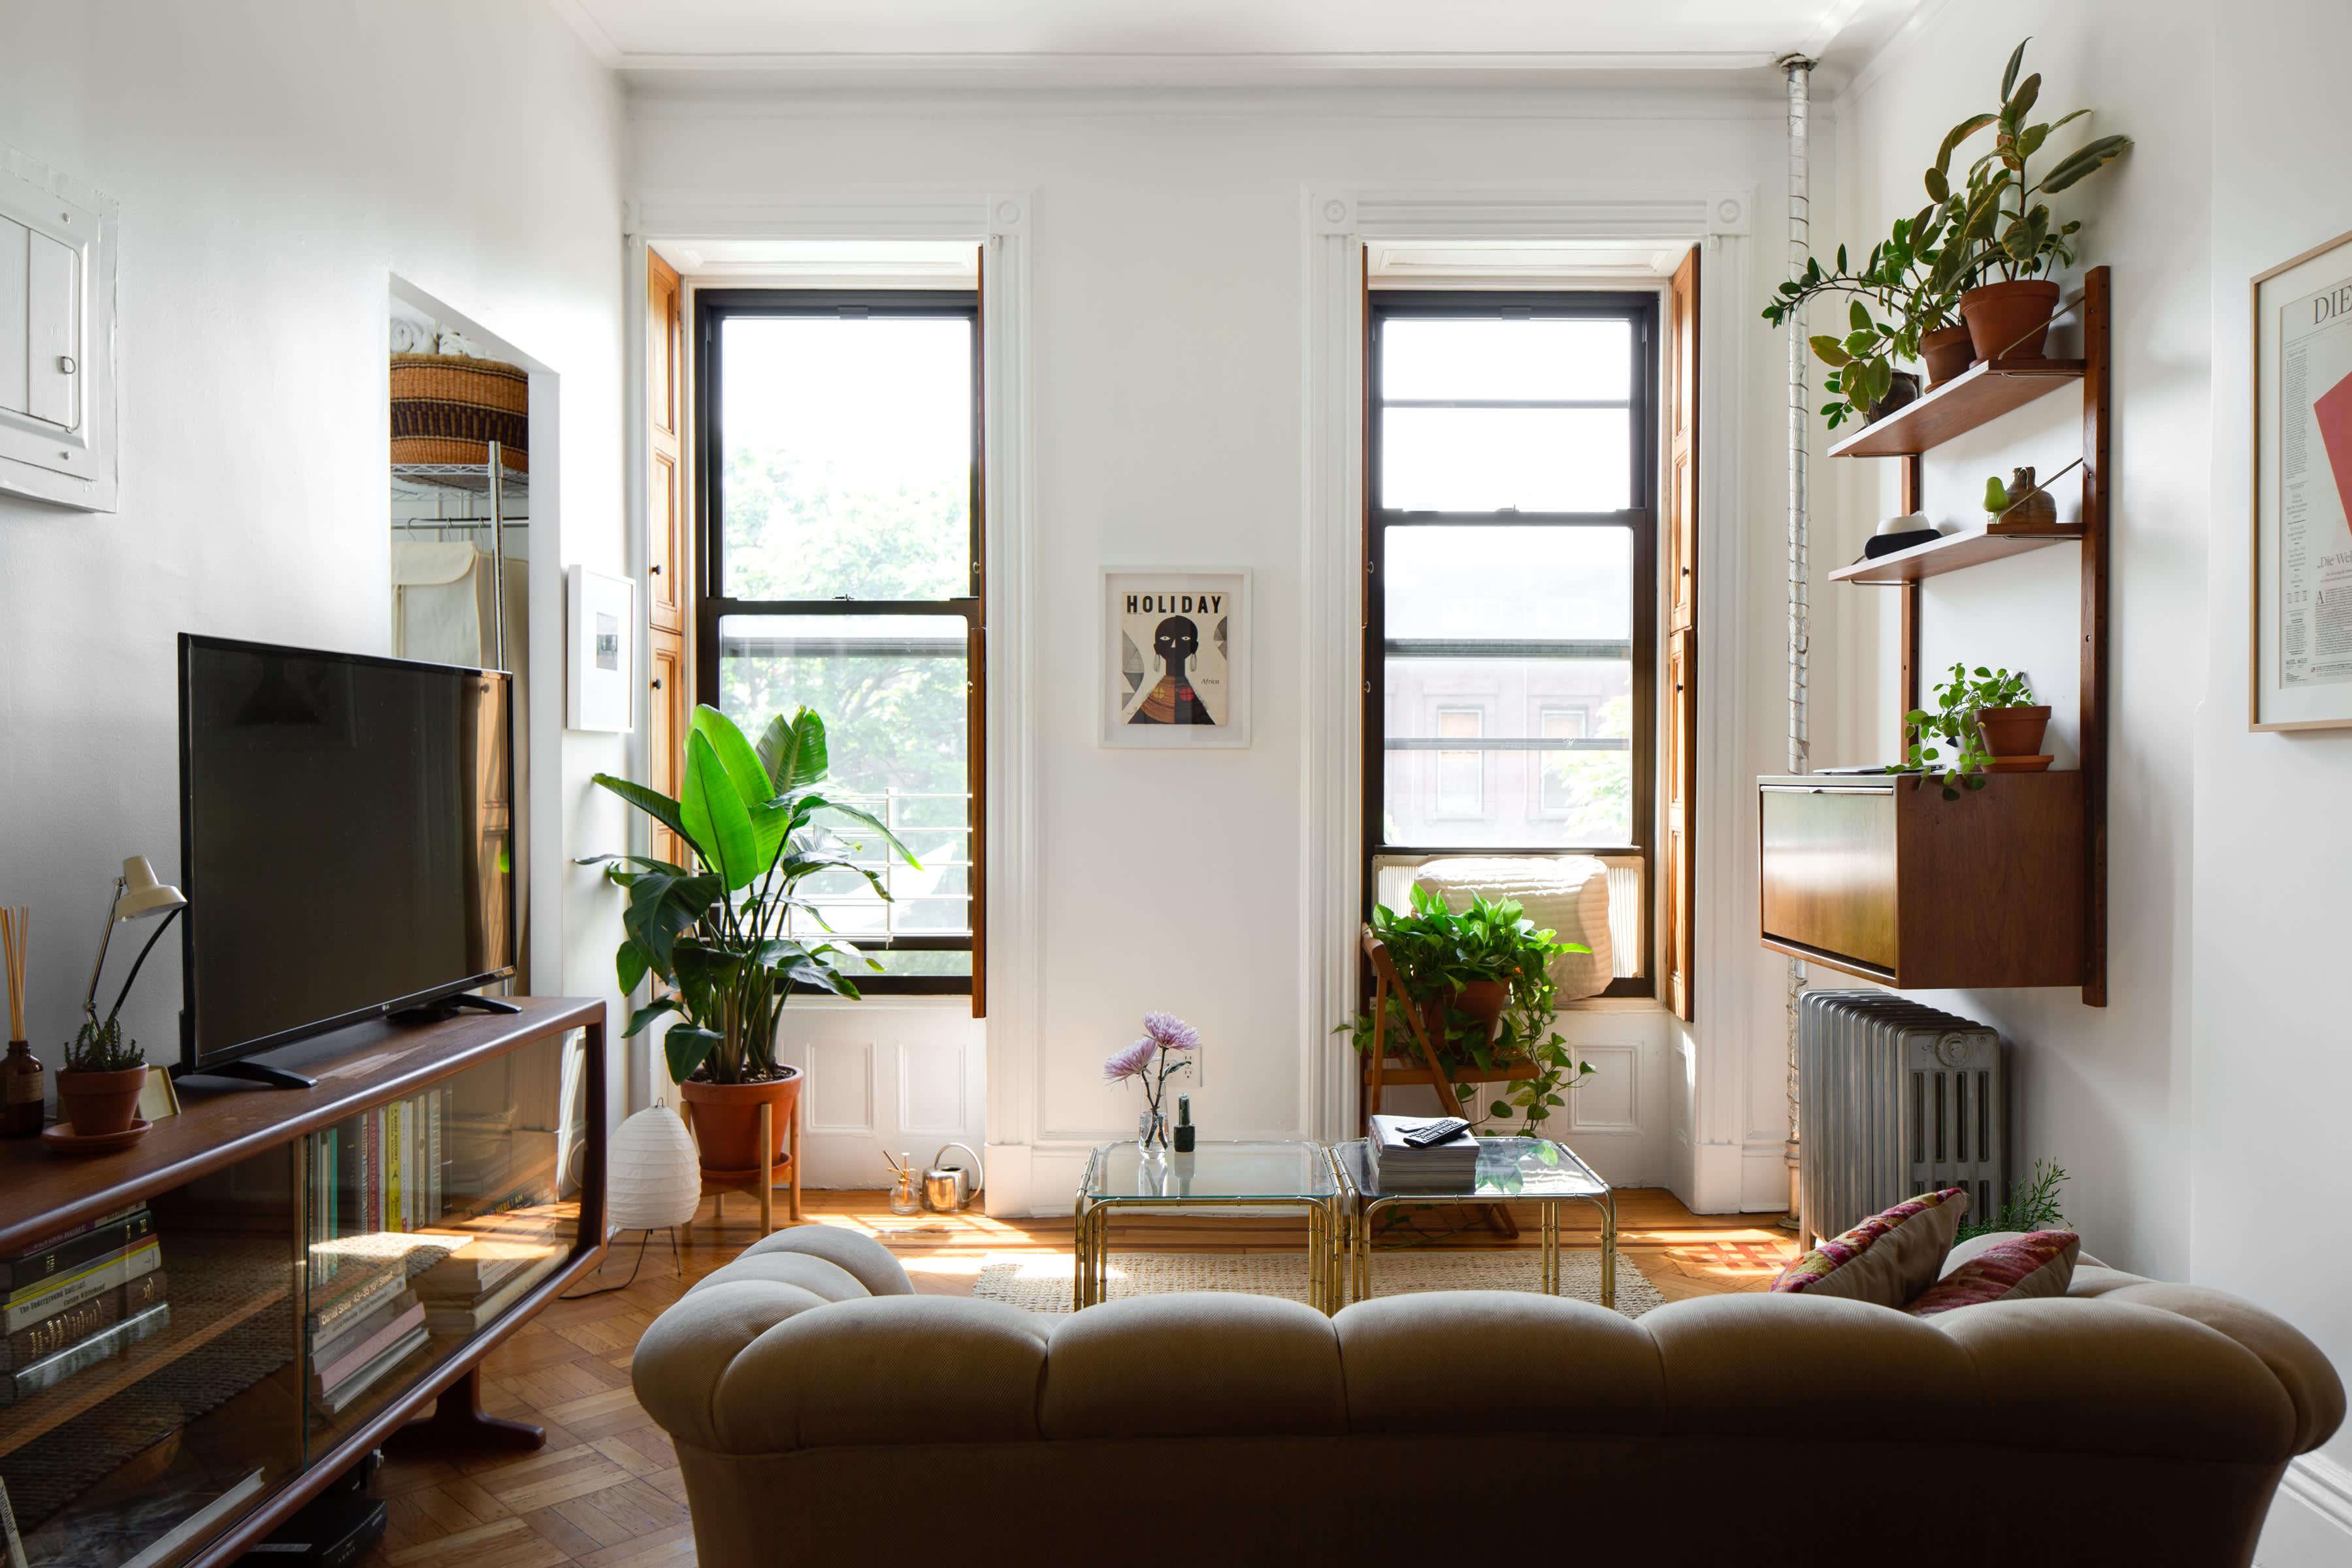 400 square foot studio apartment small space tips - 400 sq ft studio apartment ideas ...